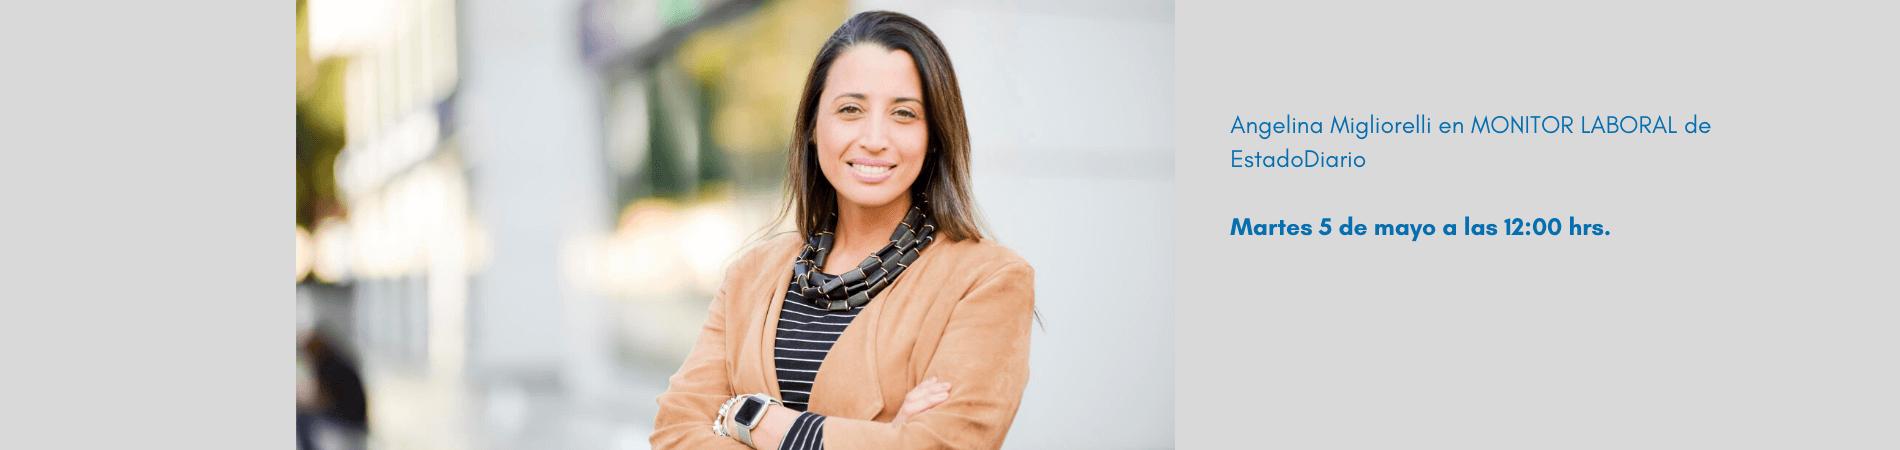 Angelina Migliorelli en la primera edición de «Monitor Laboral» de EstadoDiario